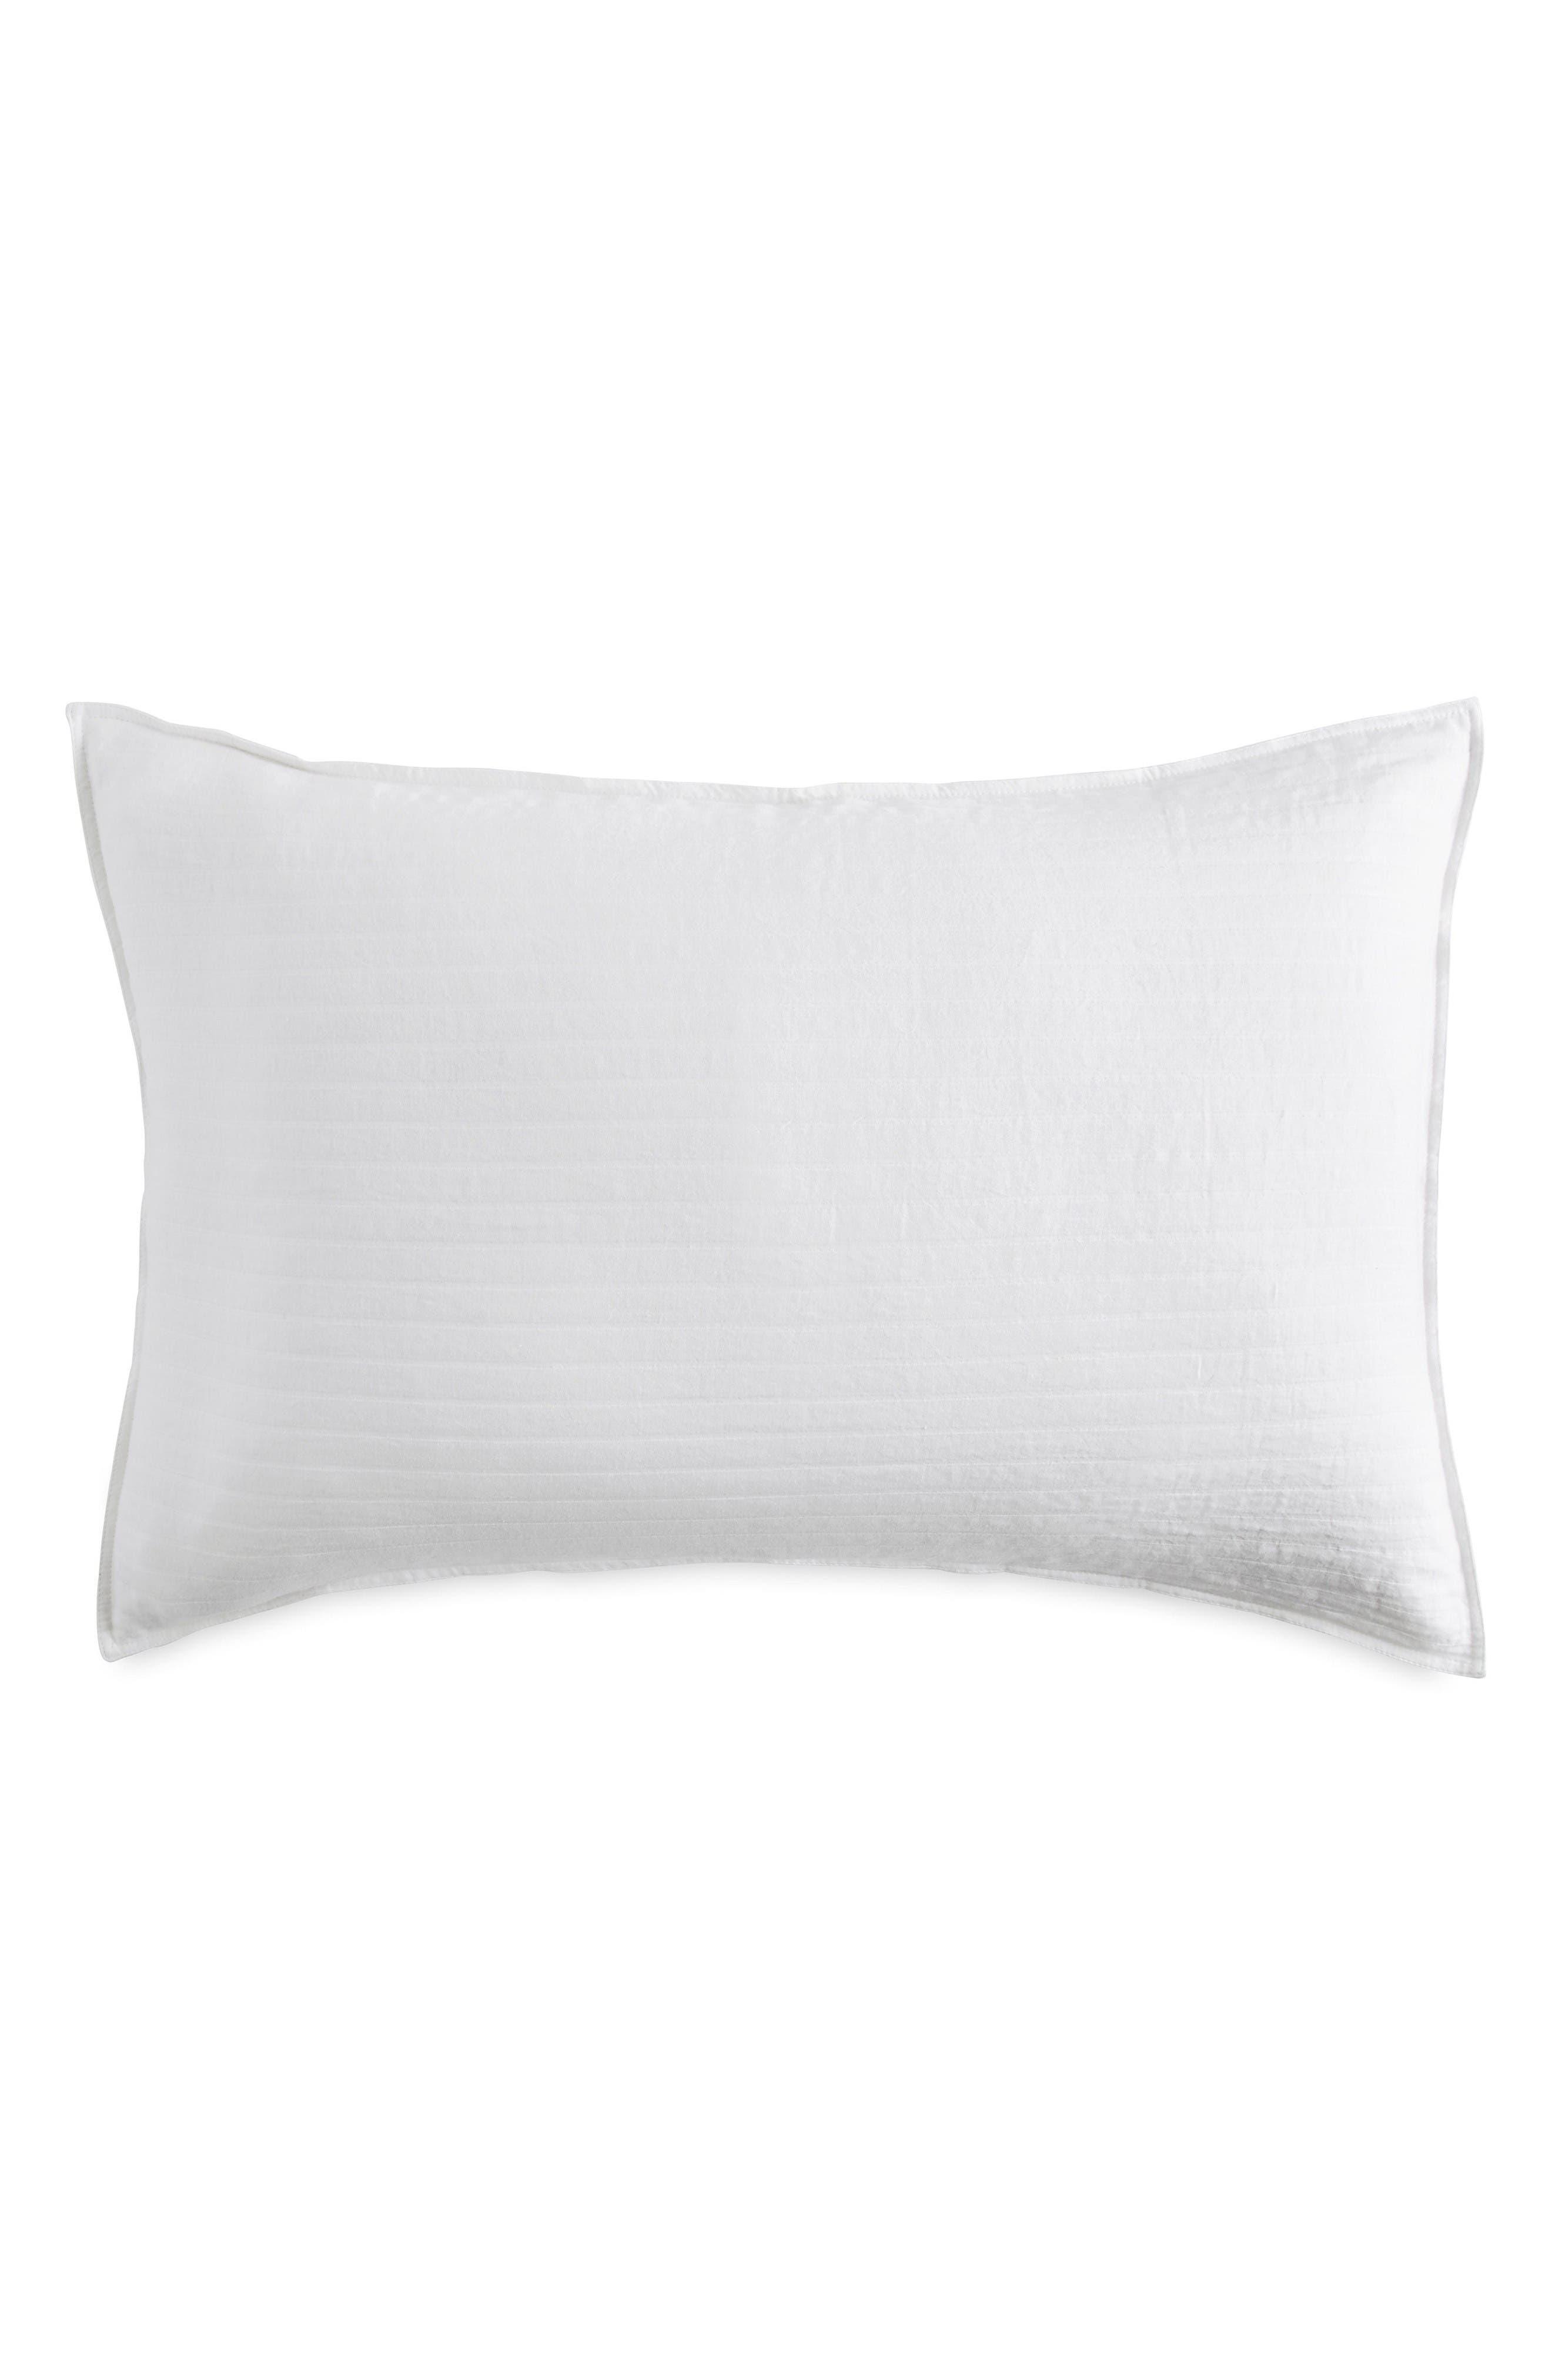 DKNY PURE Comfy White Pillow Sham